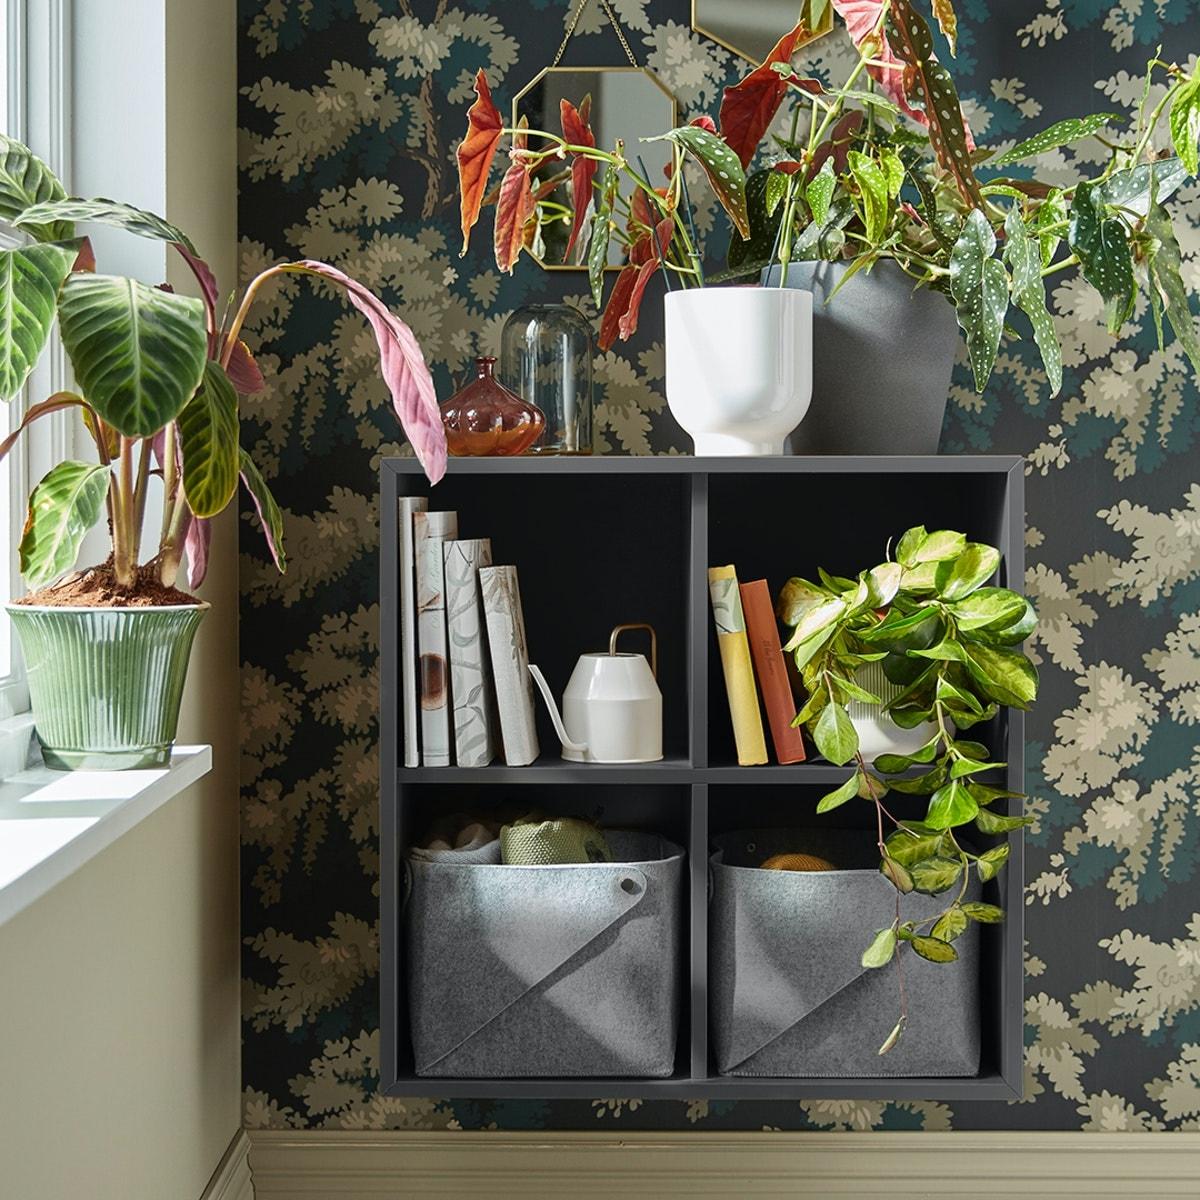 EKET förvaring i grått upphängd på en vägg med mönstrad tapet och flertalet växter och inredning runtomkring.